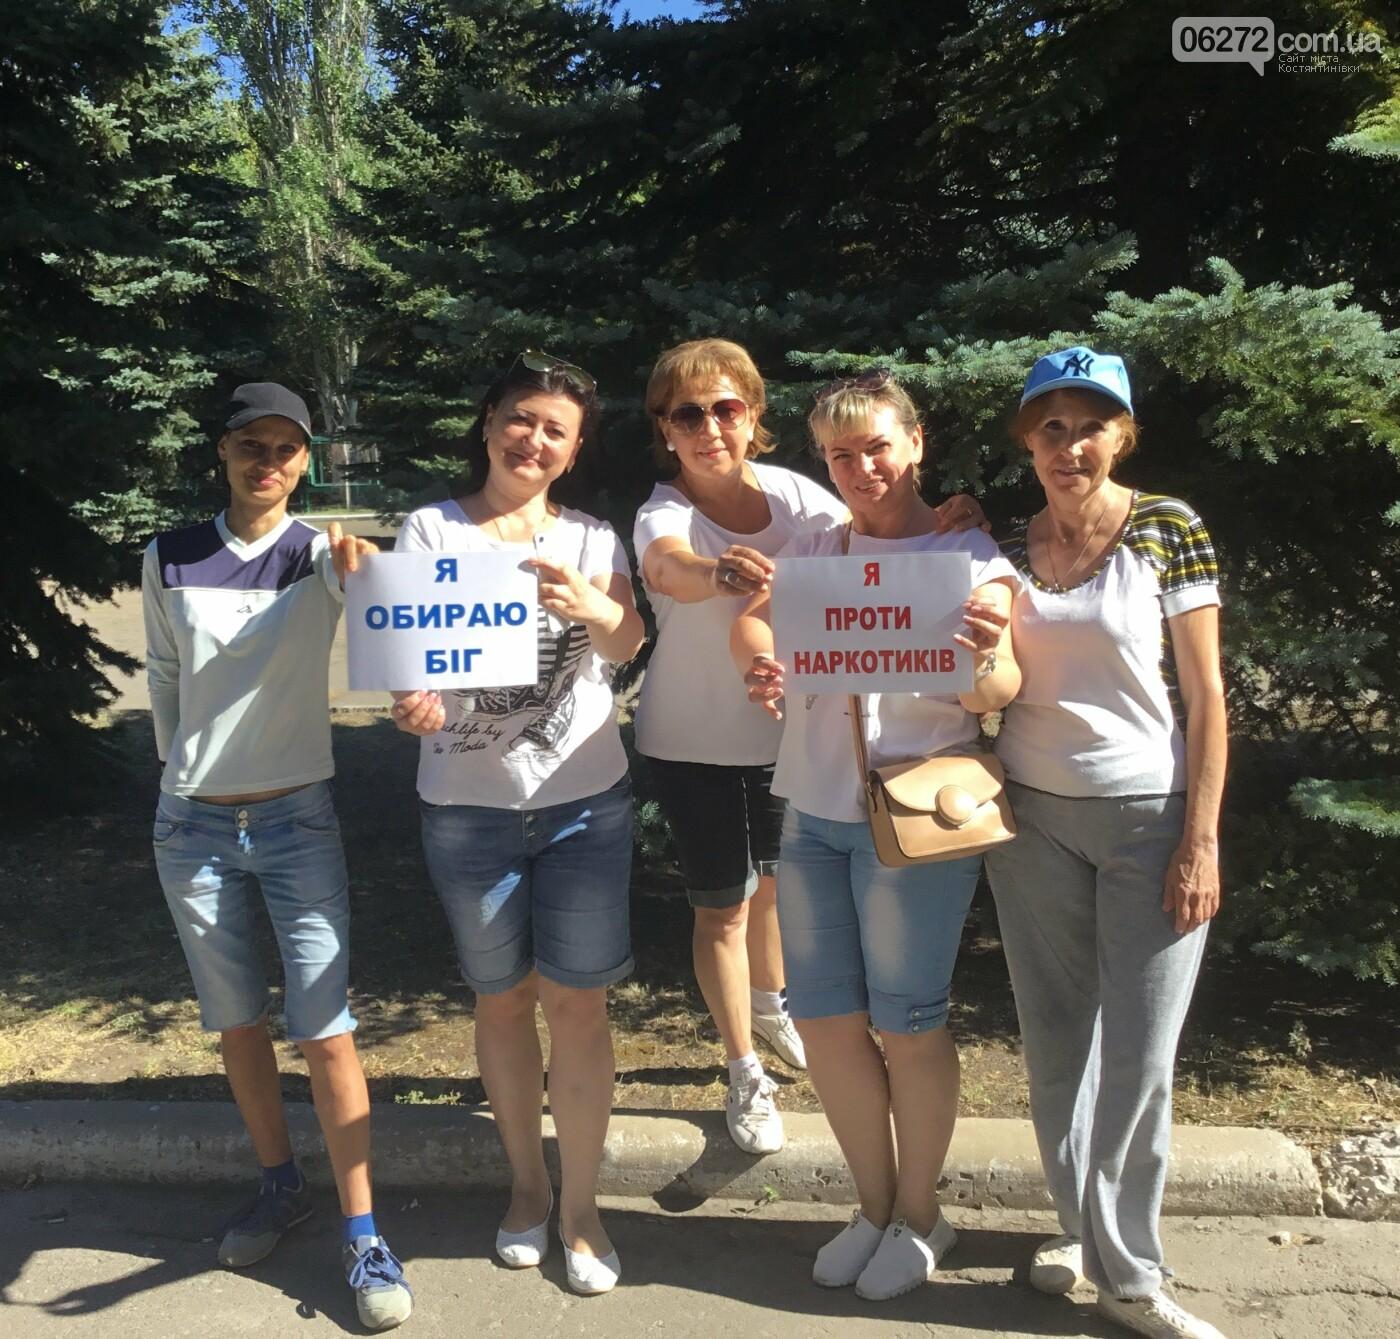 У Костянтинівці долучилися до забігу #ЯпротиНаркотиків #ЯОбираюБіг #УкраїнаБіжить, фото-6